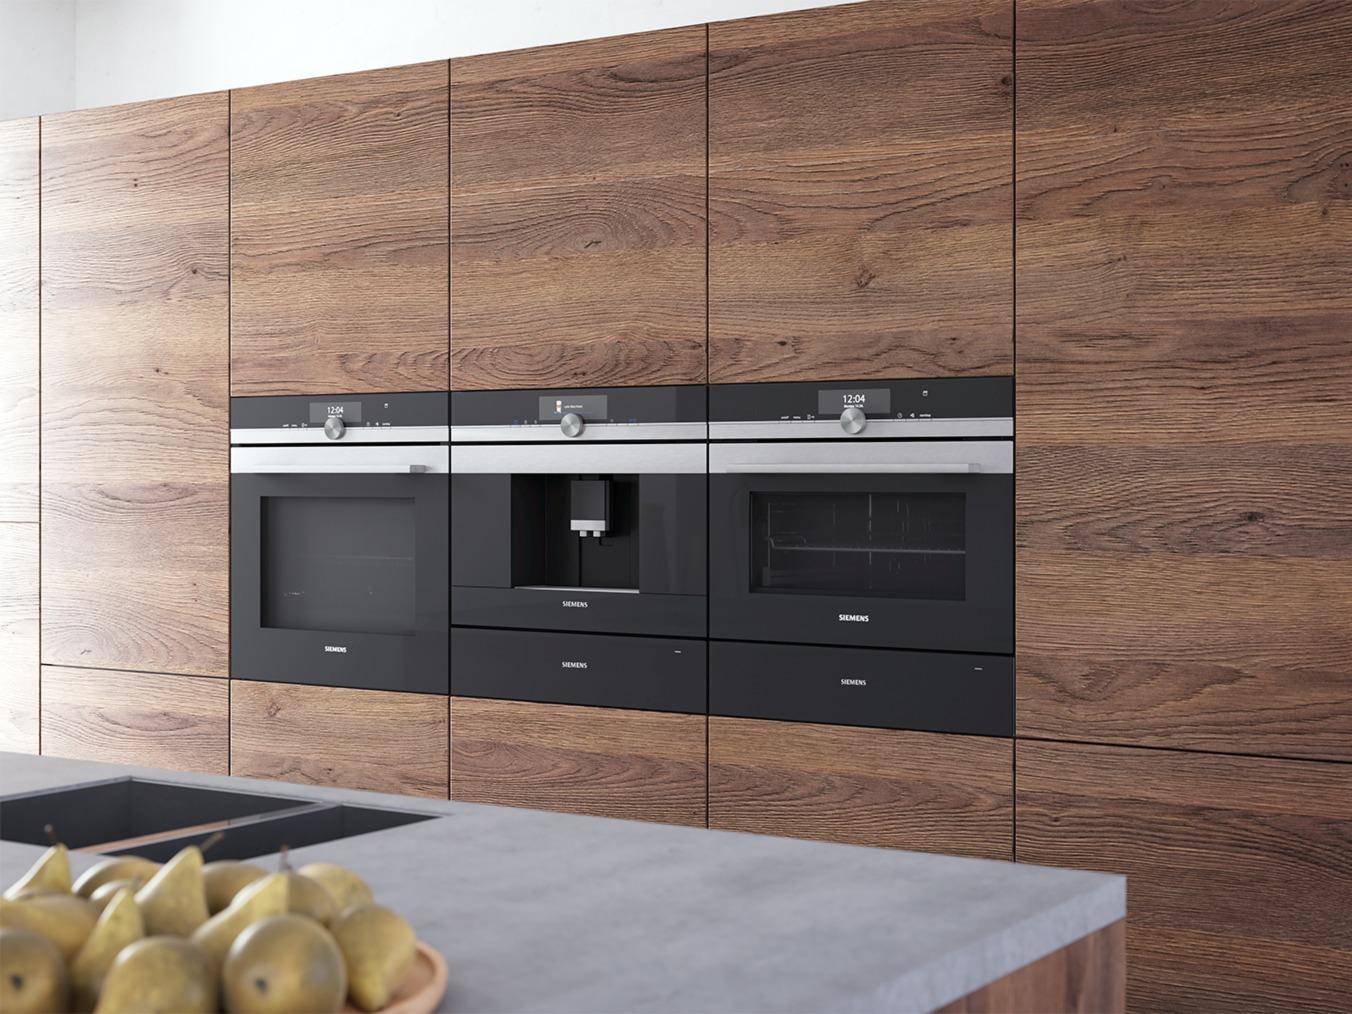 1352x1014_4-3_118193_-BSH_Siemens_kitchen_-stills_scene_01_Cam02_oven